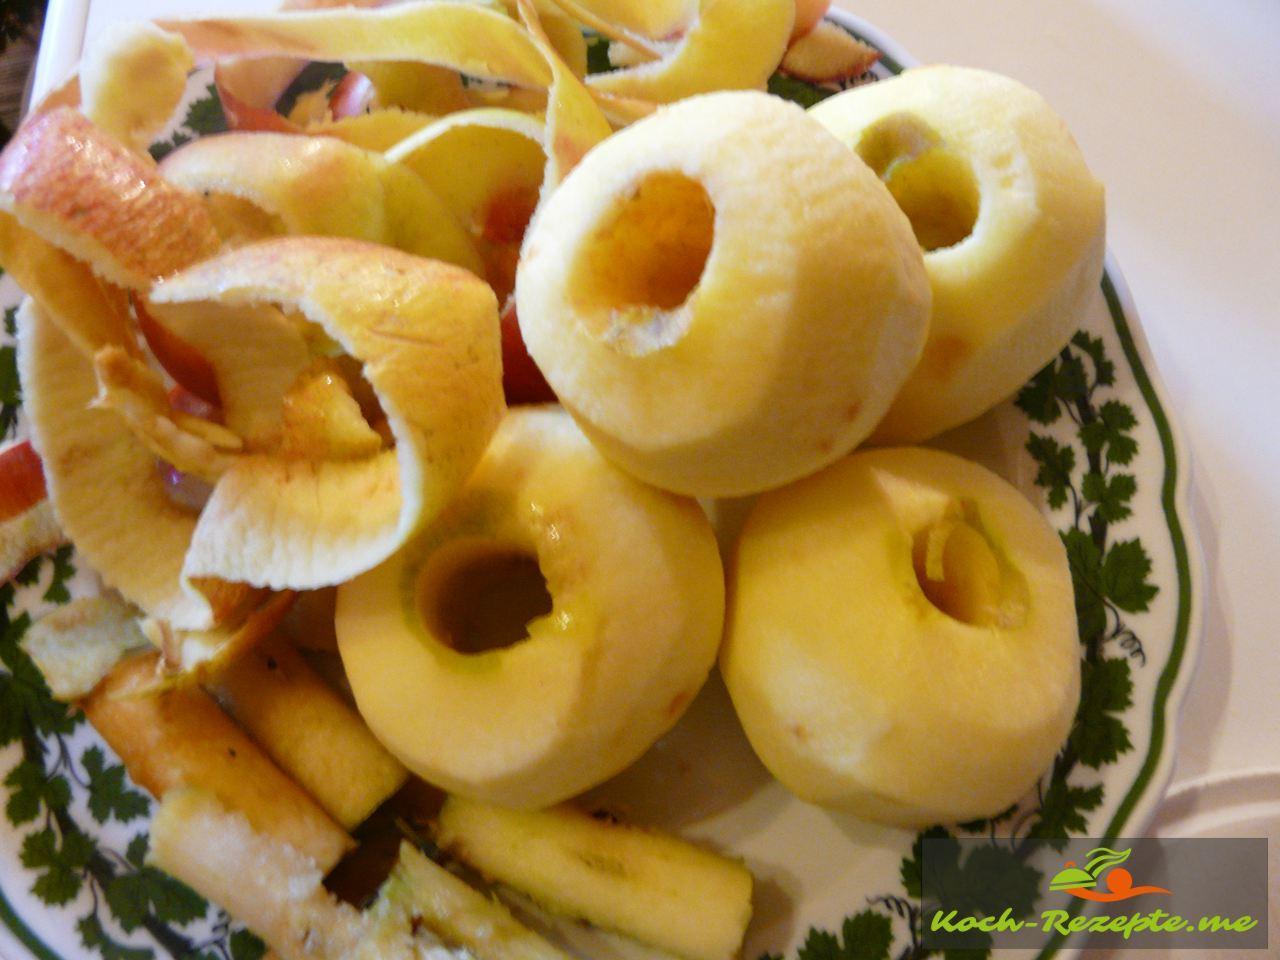 Geschälte Äpfel